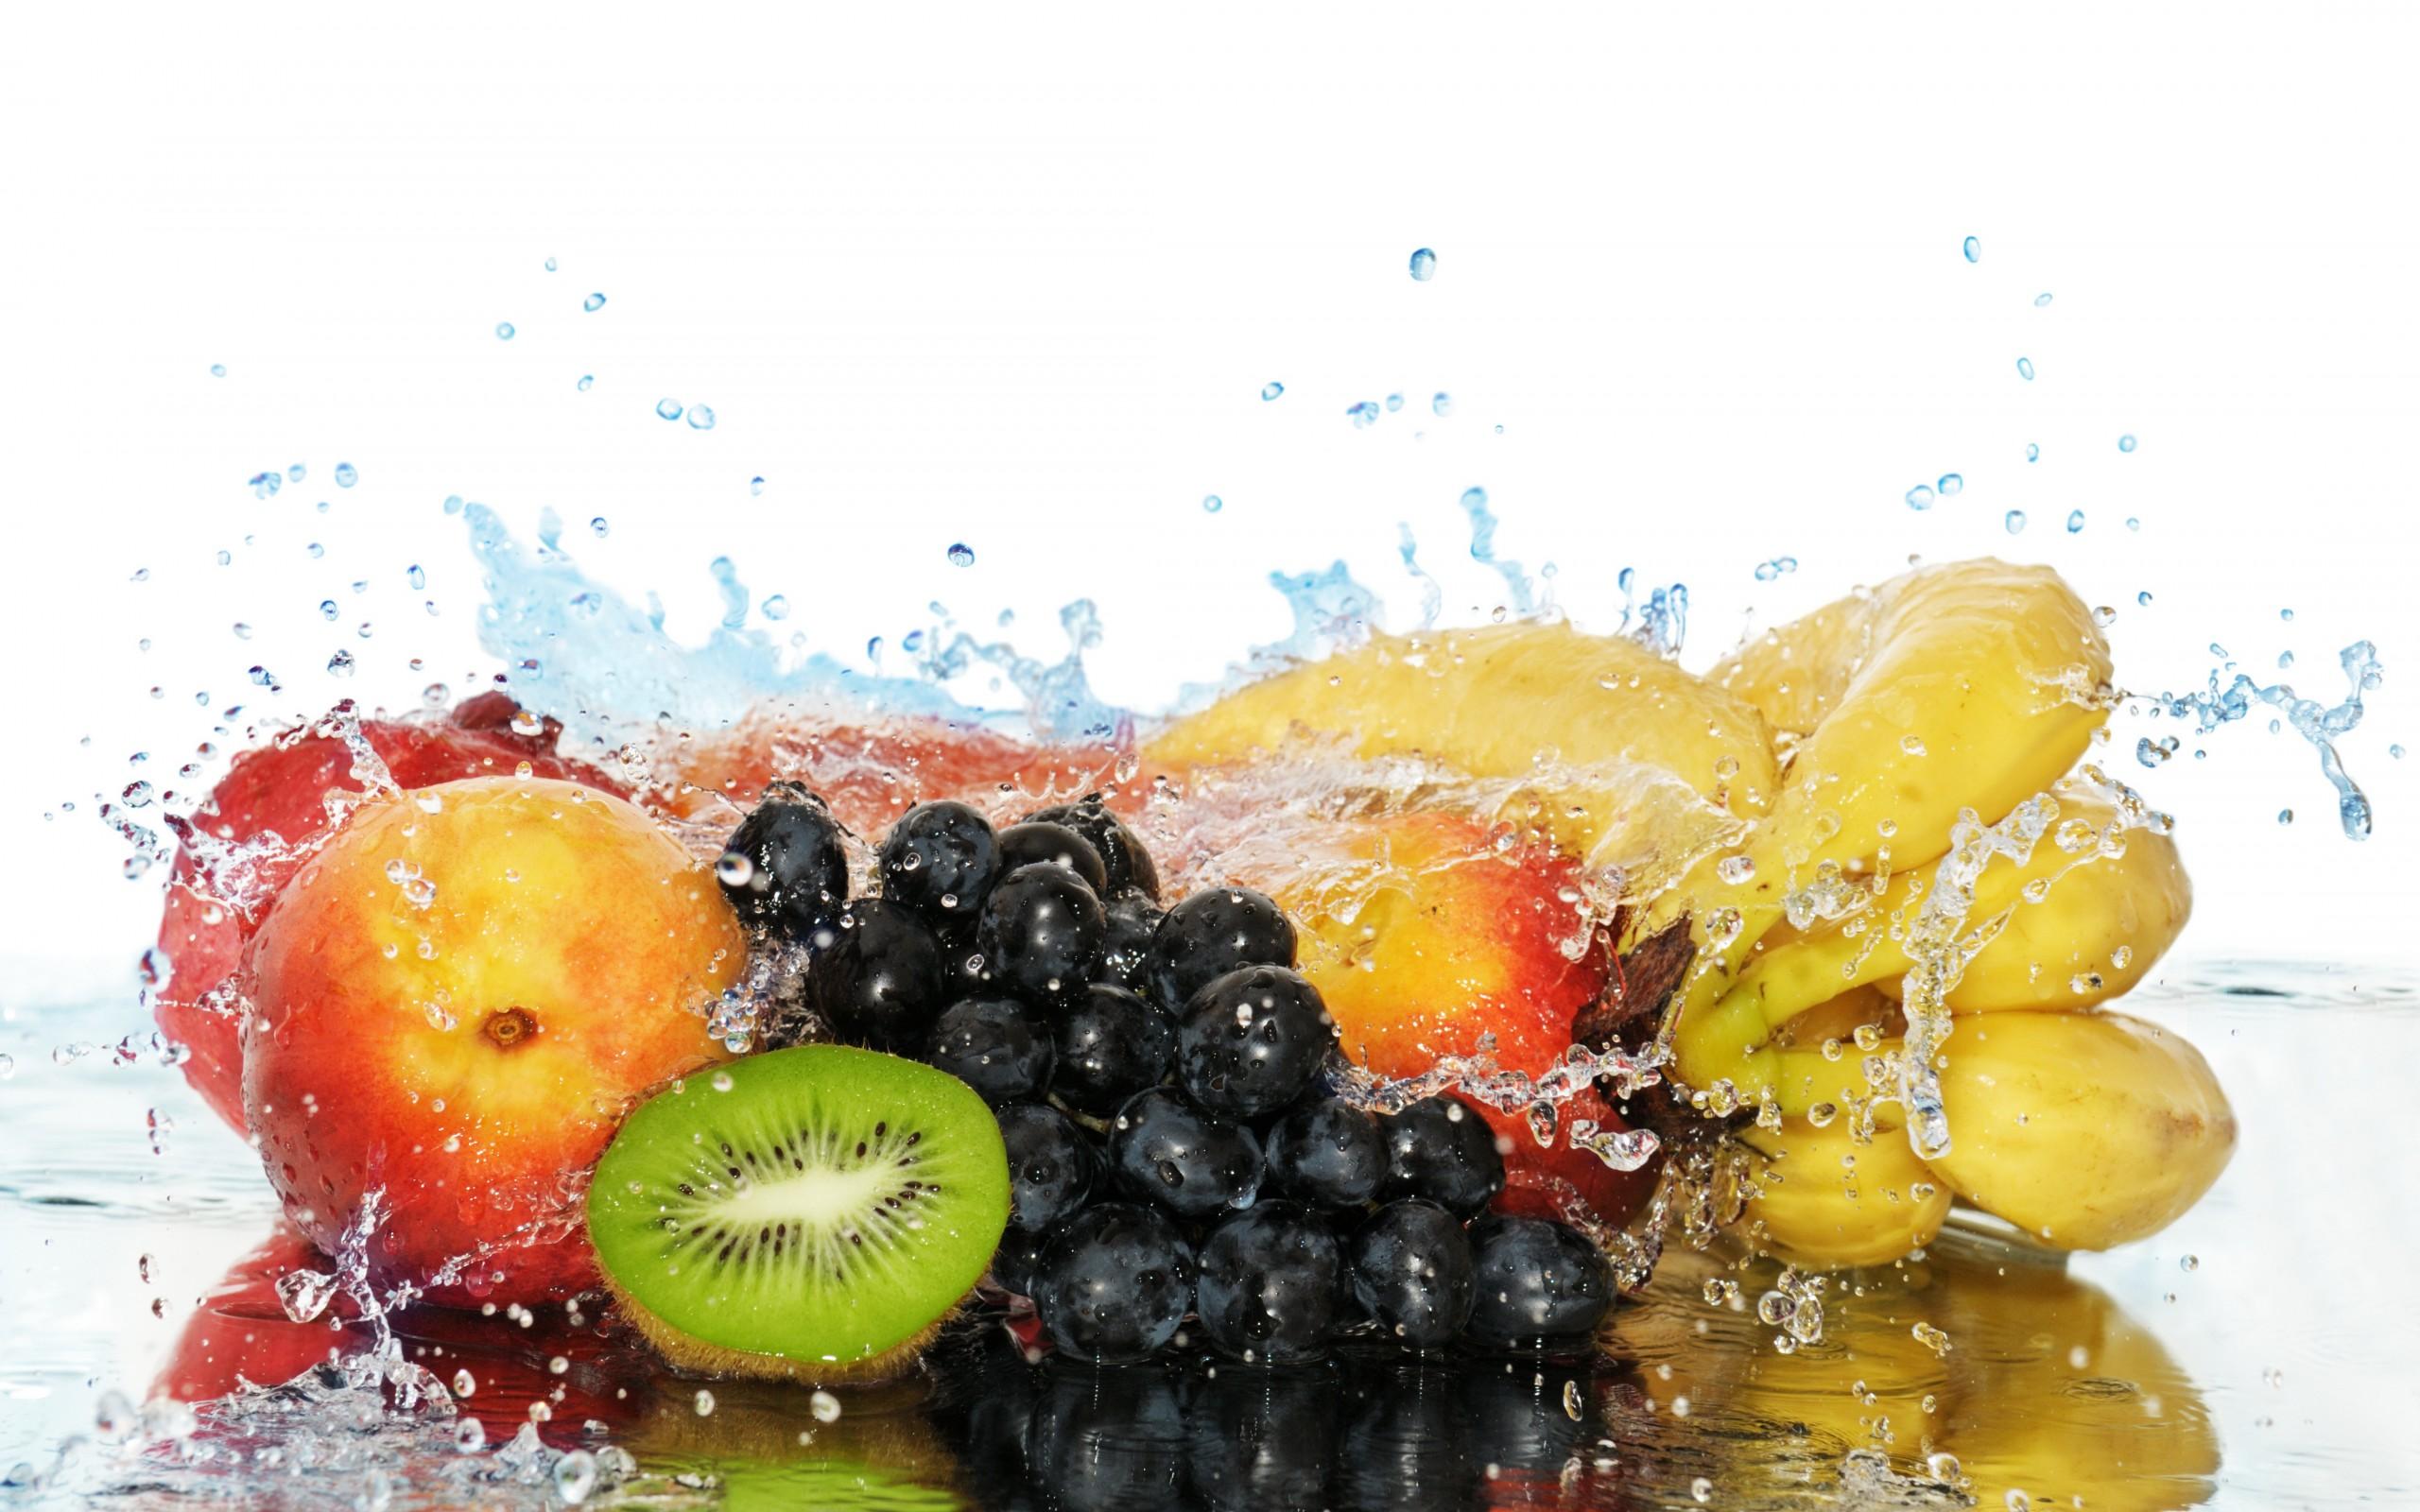 Refreshing Fruit Wallpaper